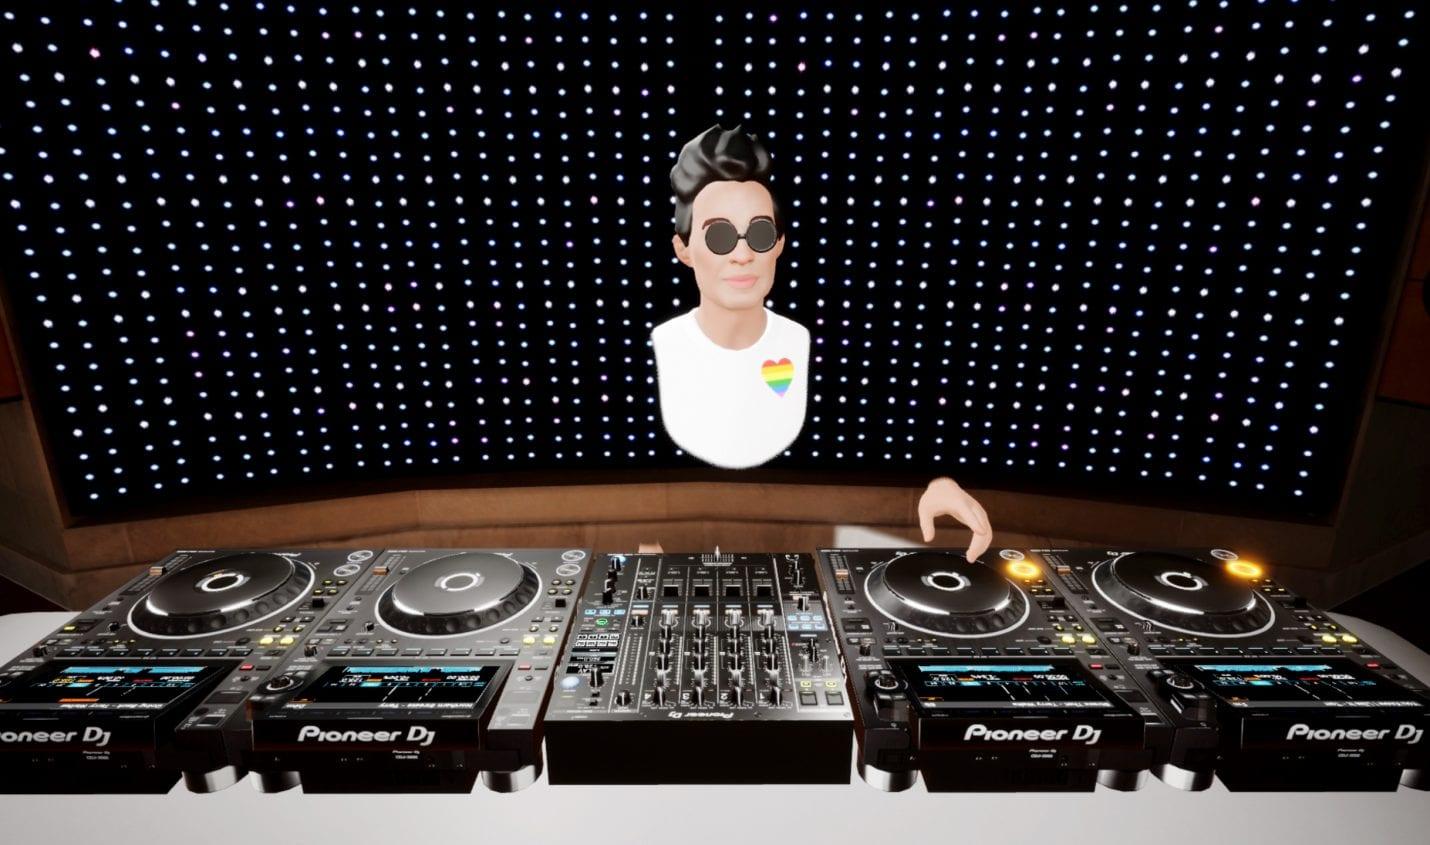 Neu: Pioneer DJ's Equipment nun auch in der virtuellen Realität